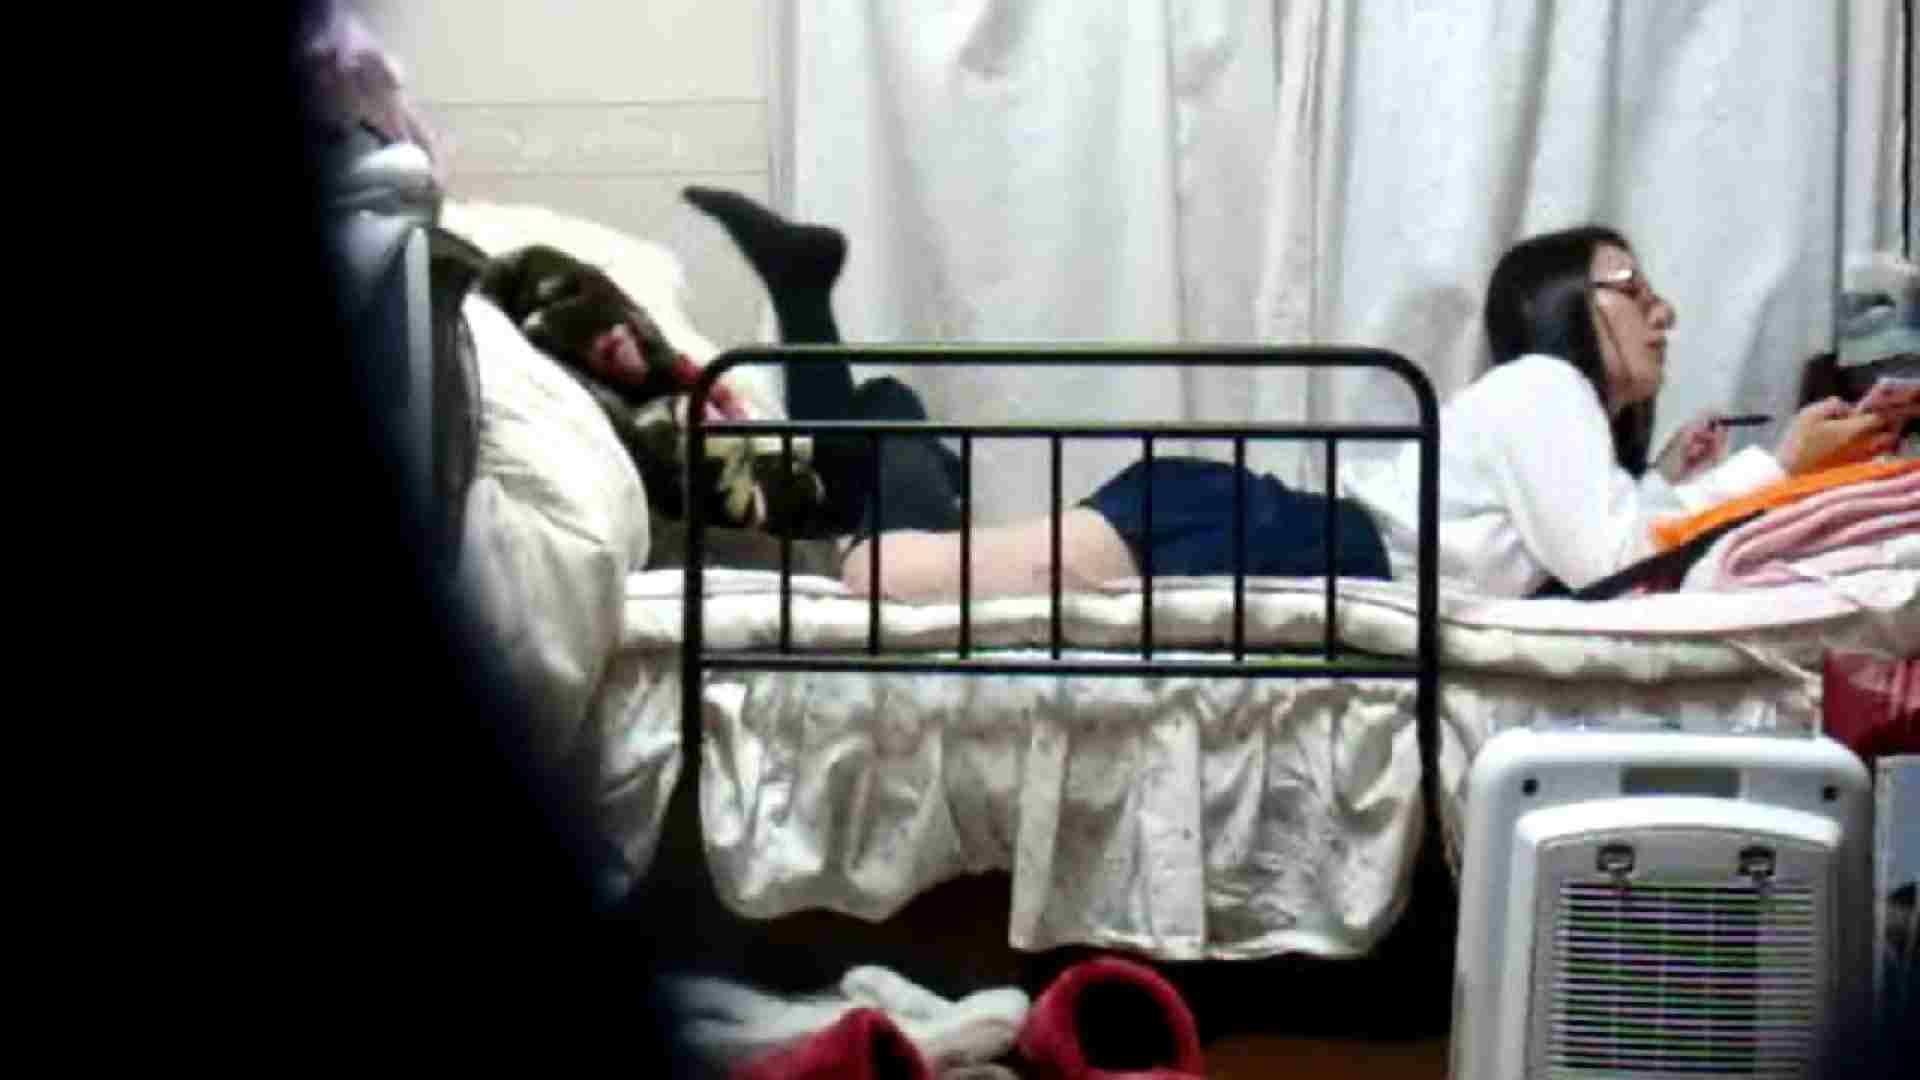 二人とも育てた甲斐がありました… vol.04 まどかが帰宅してベッドでセックス OLセックス  57画像 24